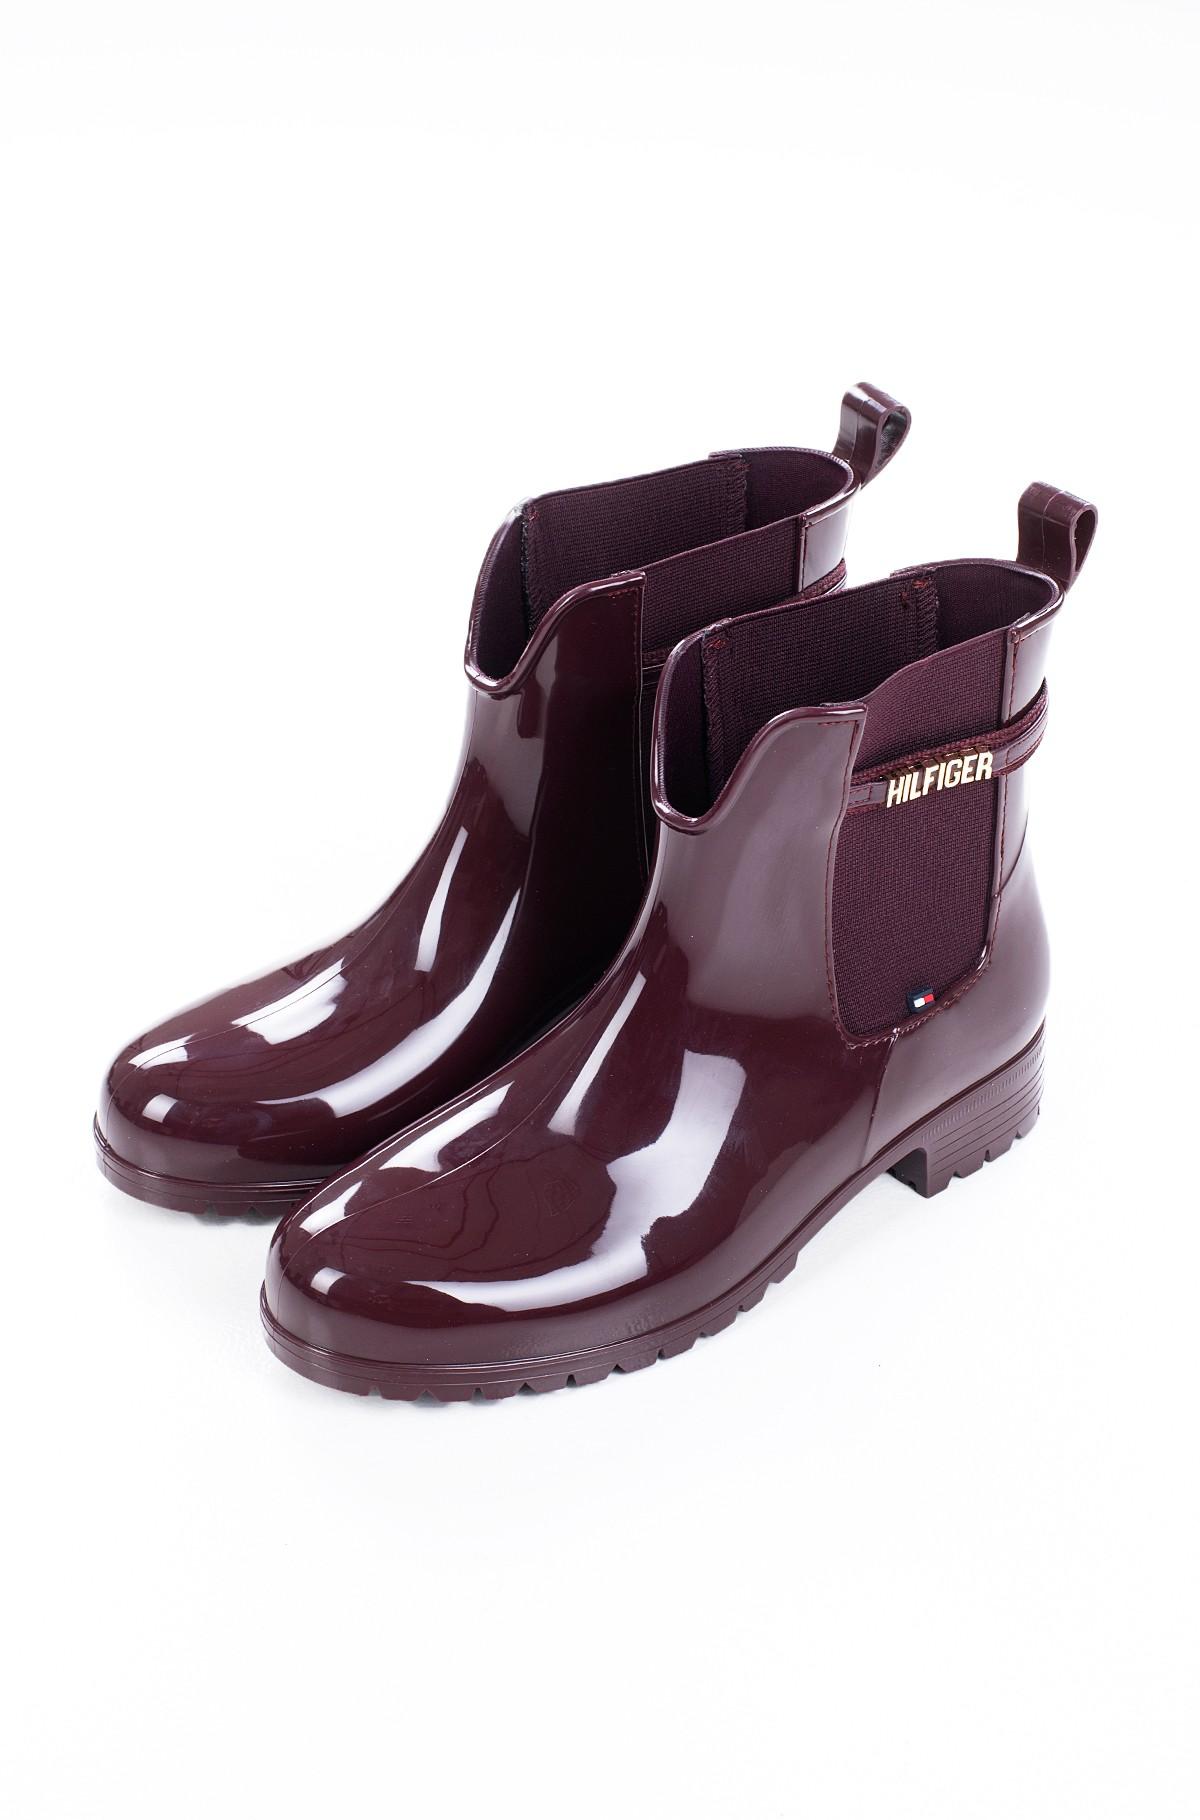 Guminiai batai BLOCK BRANDING RAINBOOT-full-1